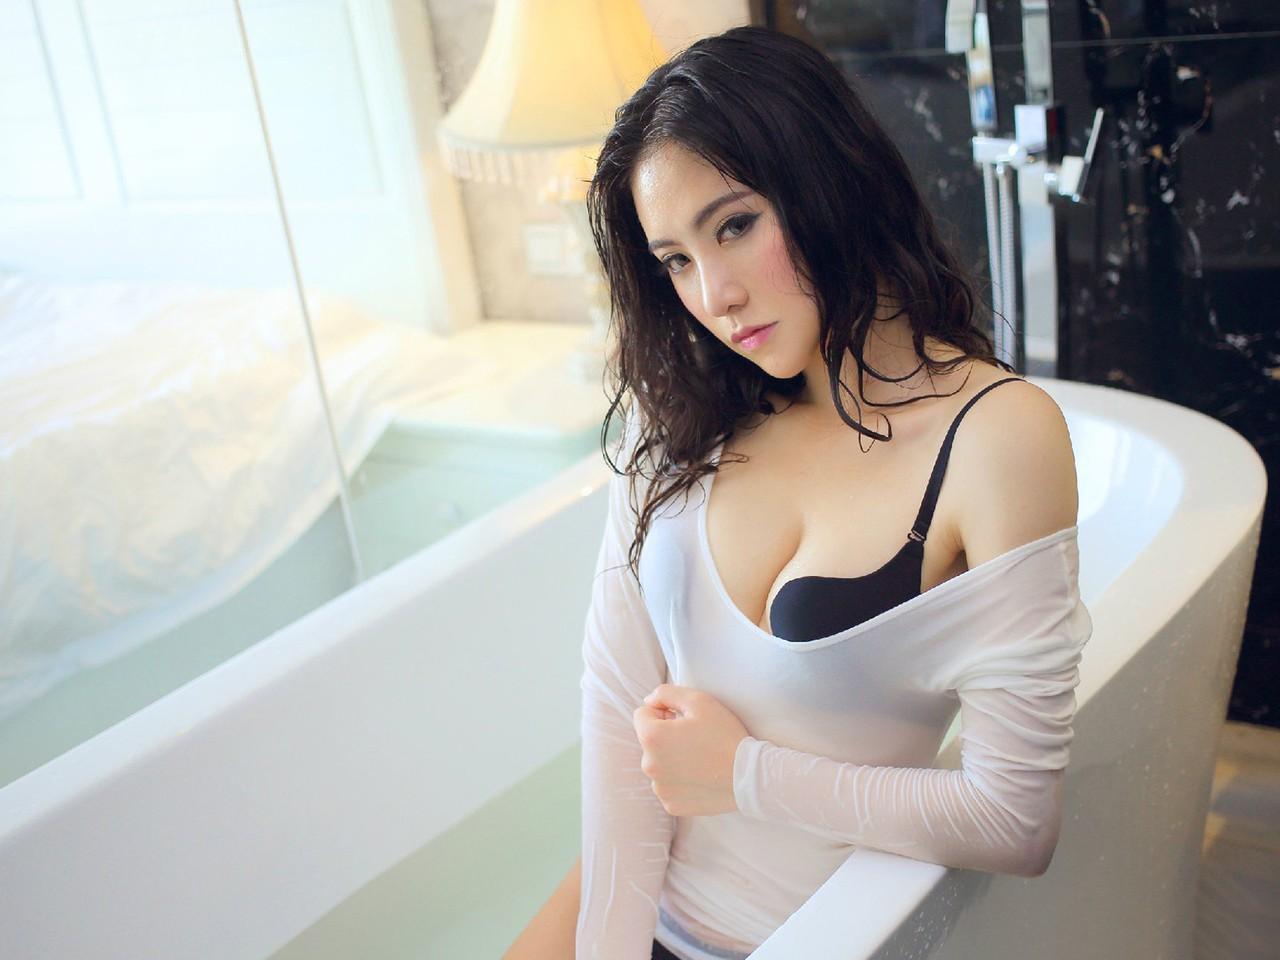 这位美女叫什么名字